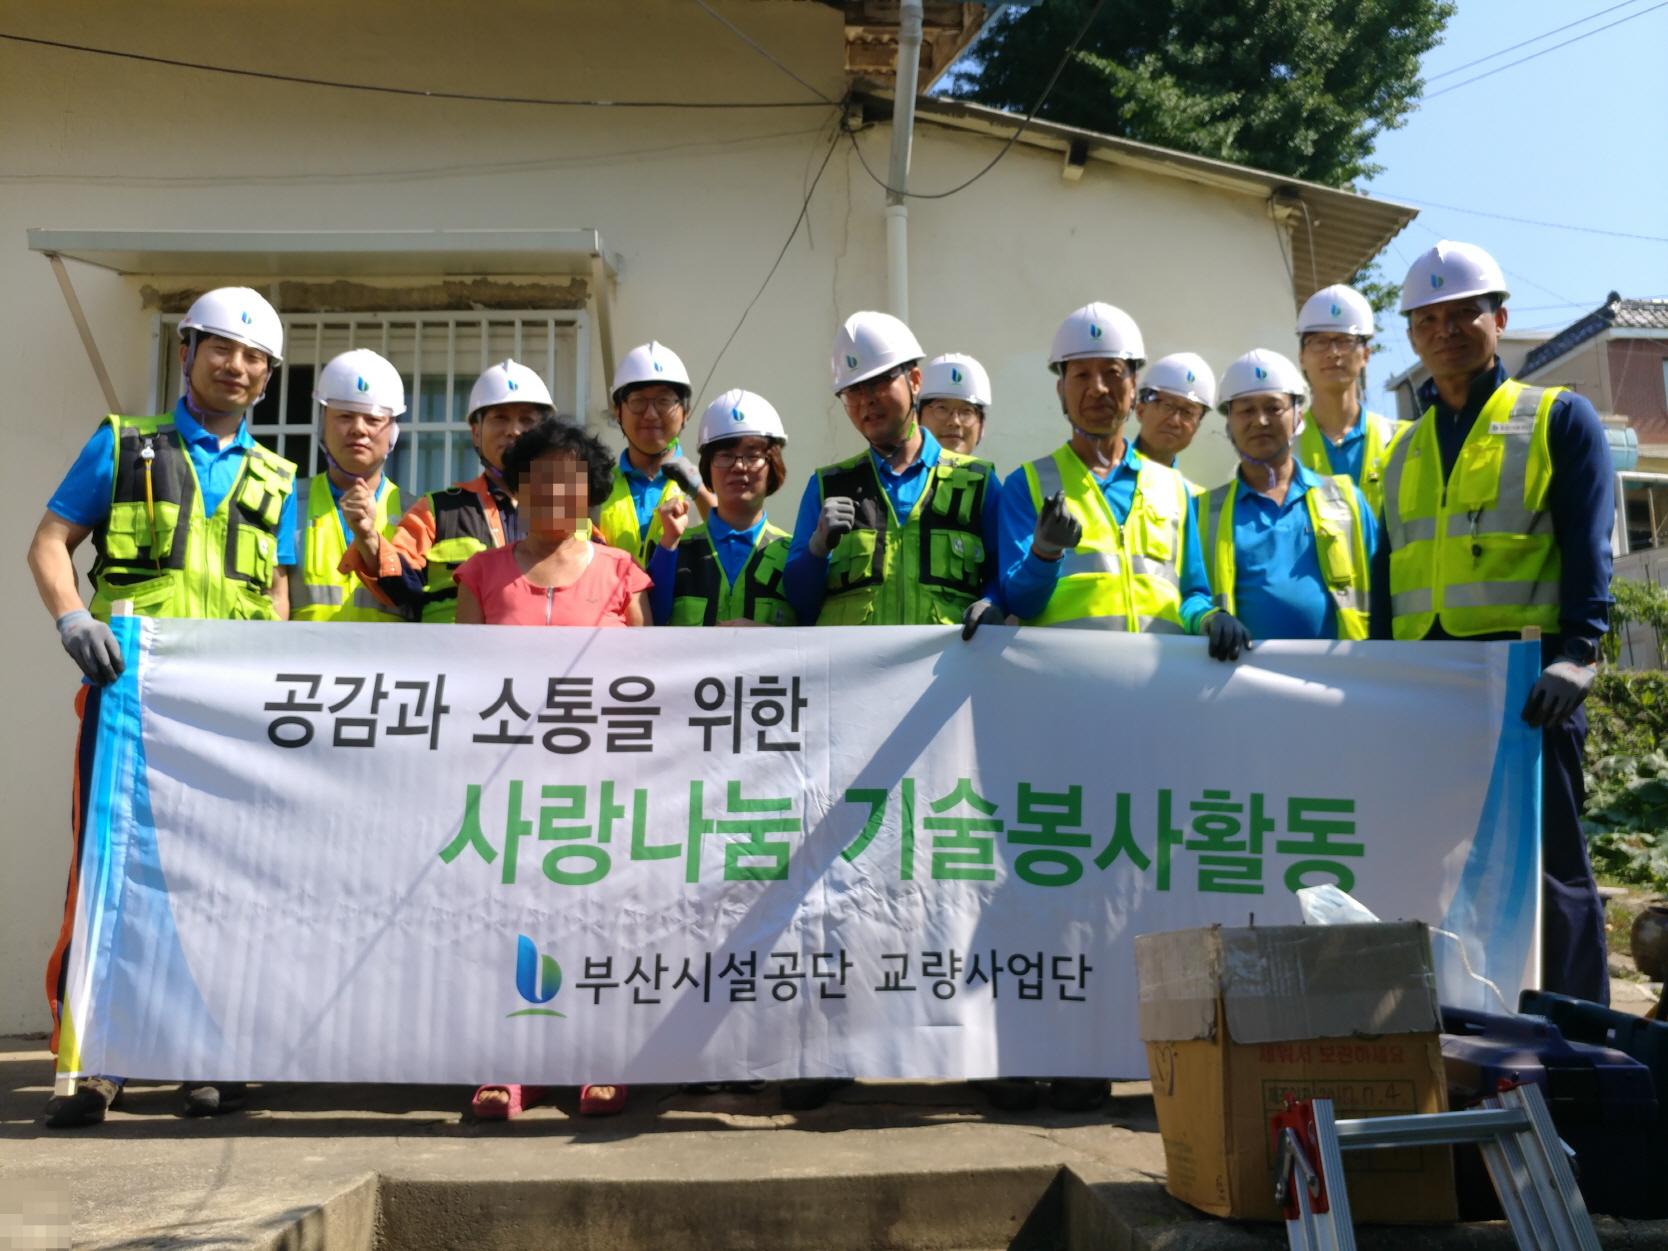 부산시설공단, 무더위도 잊은 구슬땀 기술봉사 이미지1번째